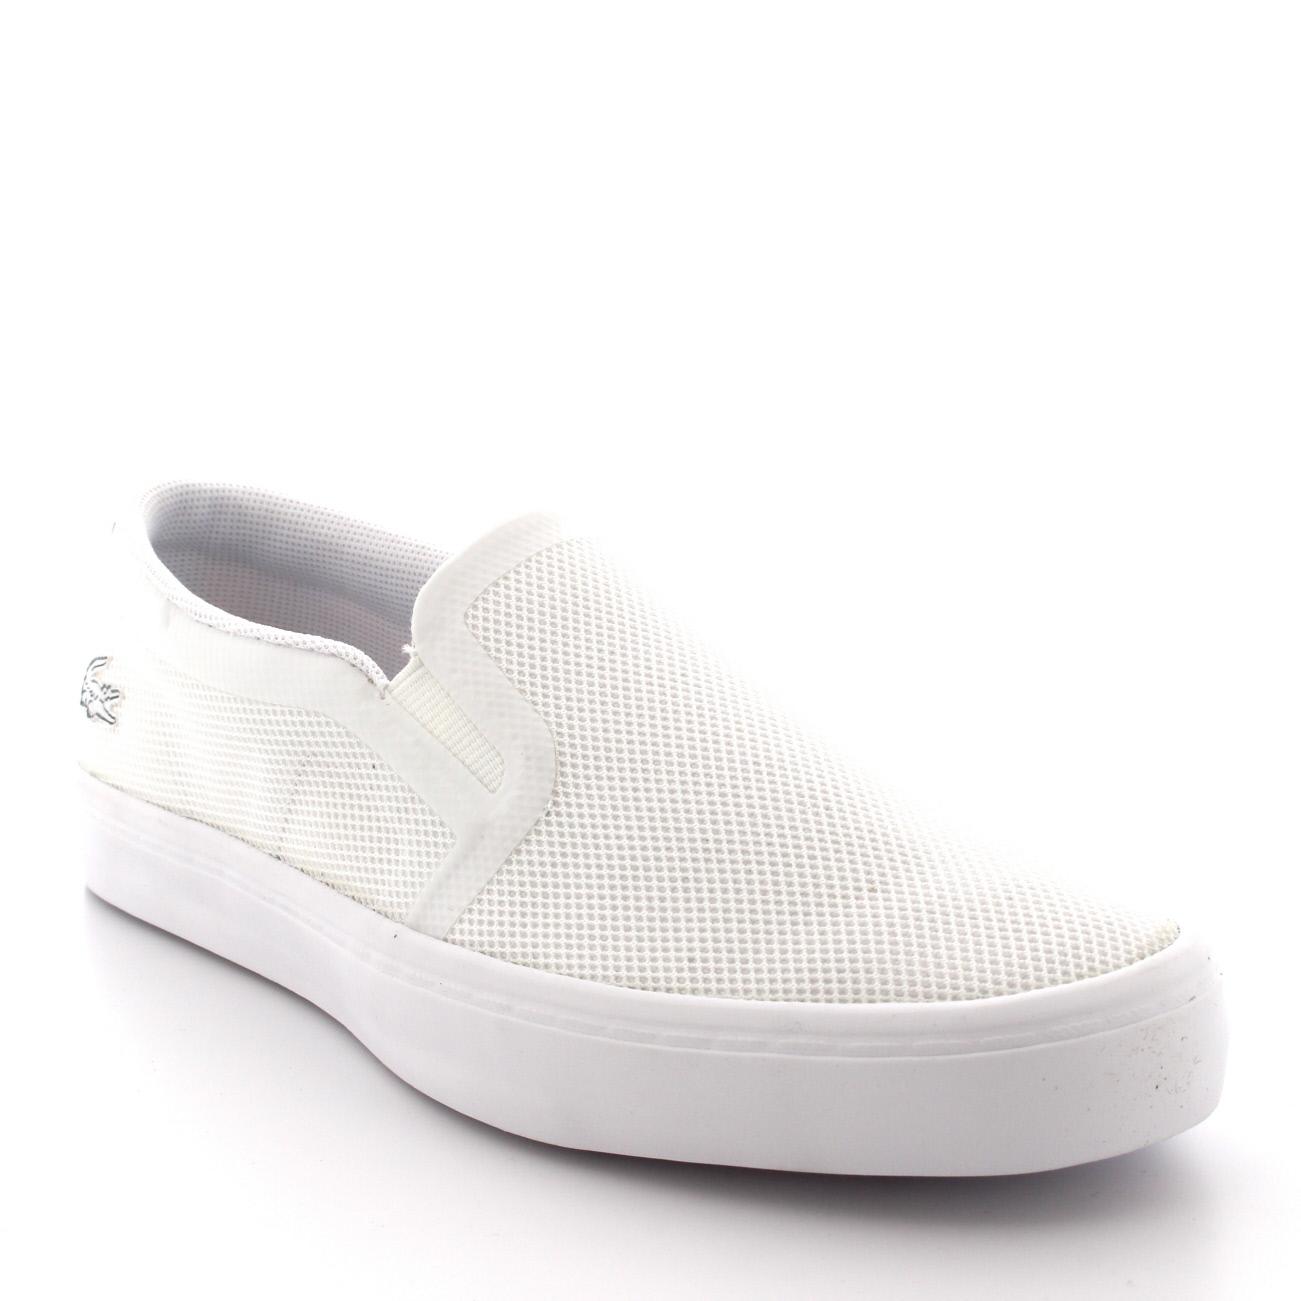 Lacoste Gazon Sport Slip On 116 Sneakers